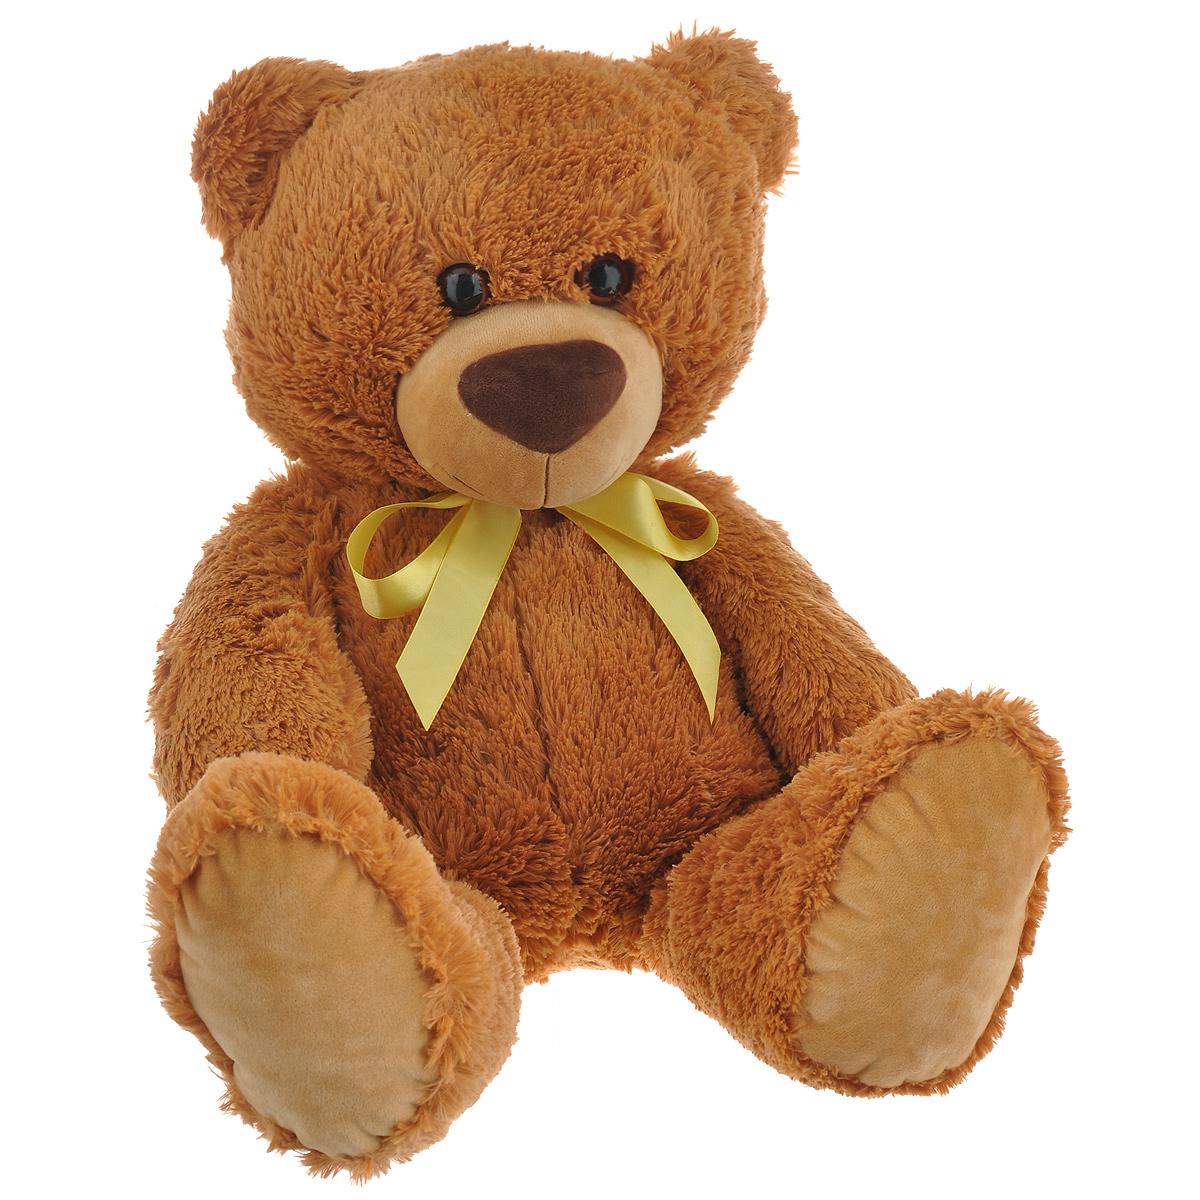 Мягкая игрушка СмолТойс Мишка, 64 см1251/БЖСимпатичная мягкая игрушка СмолТойс Мишка не оставит равнодушным ни ребенка, ни взрослого и вызовет улыбку у каждого, кто его увидит. Необычайно мягкий, он принесет радость и подарит своему обладателю мгновения нежных объятий и приятных воспоминаний. Игрушка удивительно приятна на ощупь, а специальные гранулы, используемые при ее набивке, способствуют развитию мелкой моторики рук малыша. Мягкая игрушка может стать милым подарком, а может быть и лучшим другом на все времена.